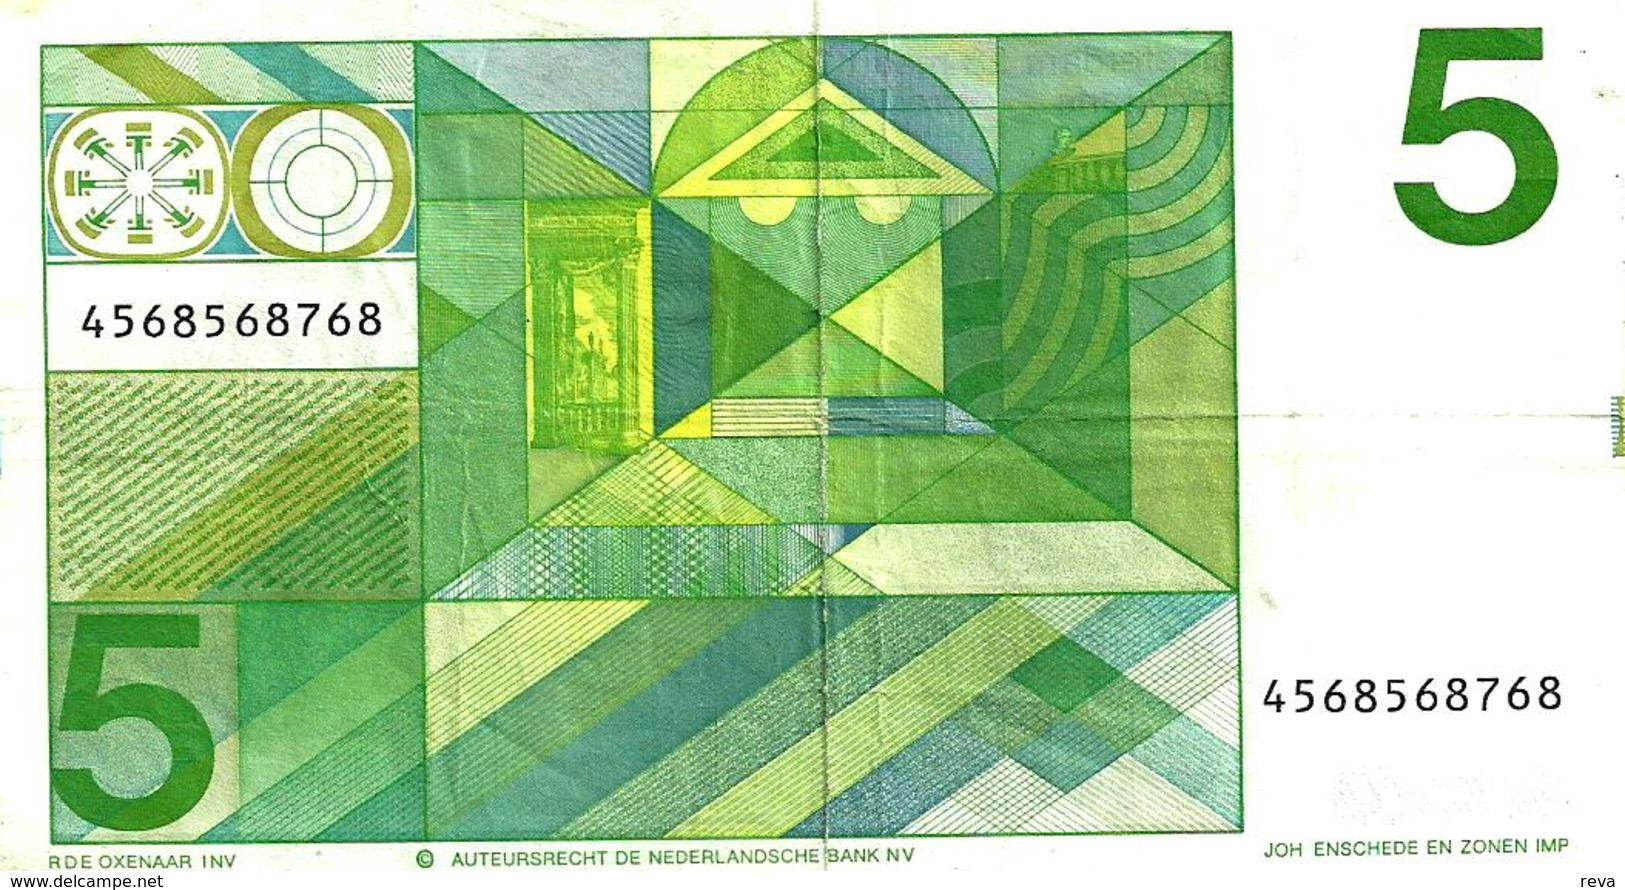 NETHERLANDS 5 GULDEN GREEN MAN  FRONT&MOTIF BACK 28-03-1973 P95a READ DESCRIPTION!! - 5 Florín Holandés (gulden)